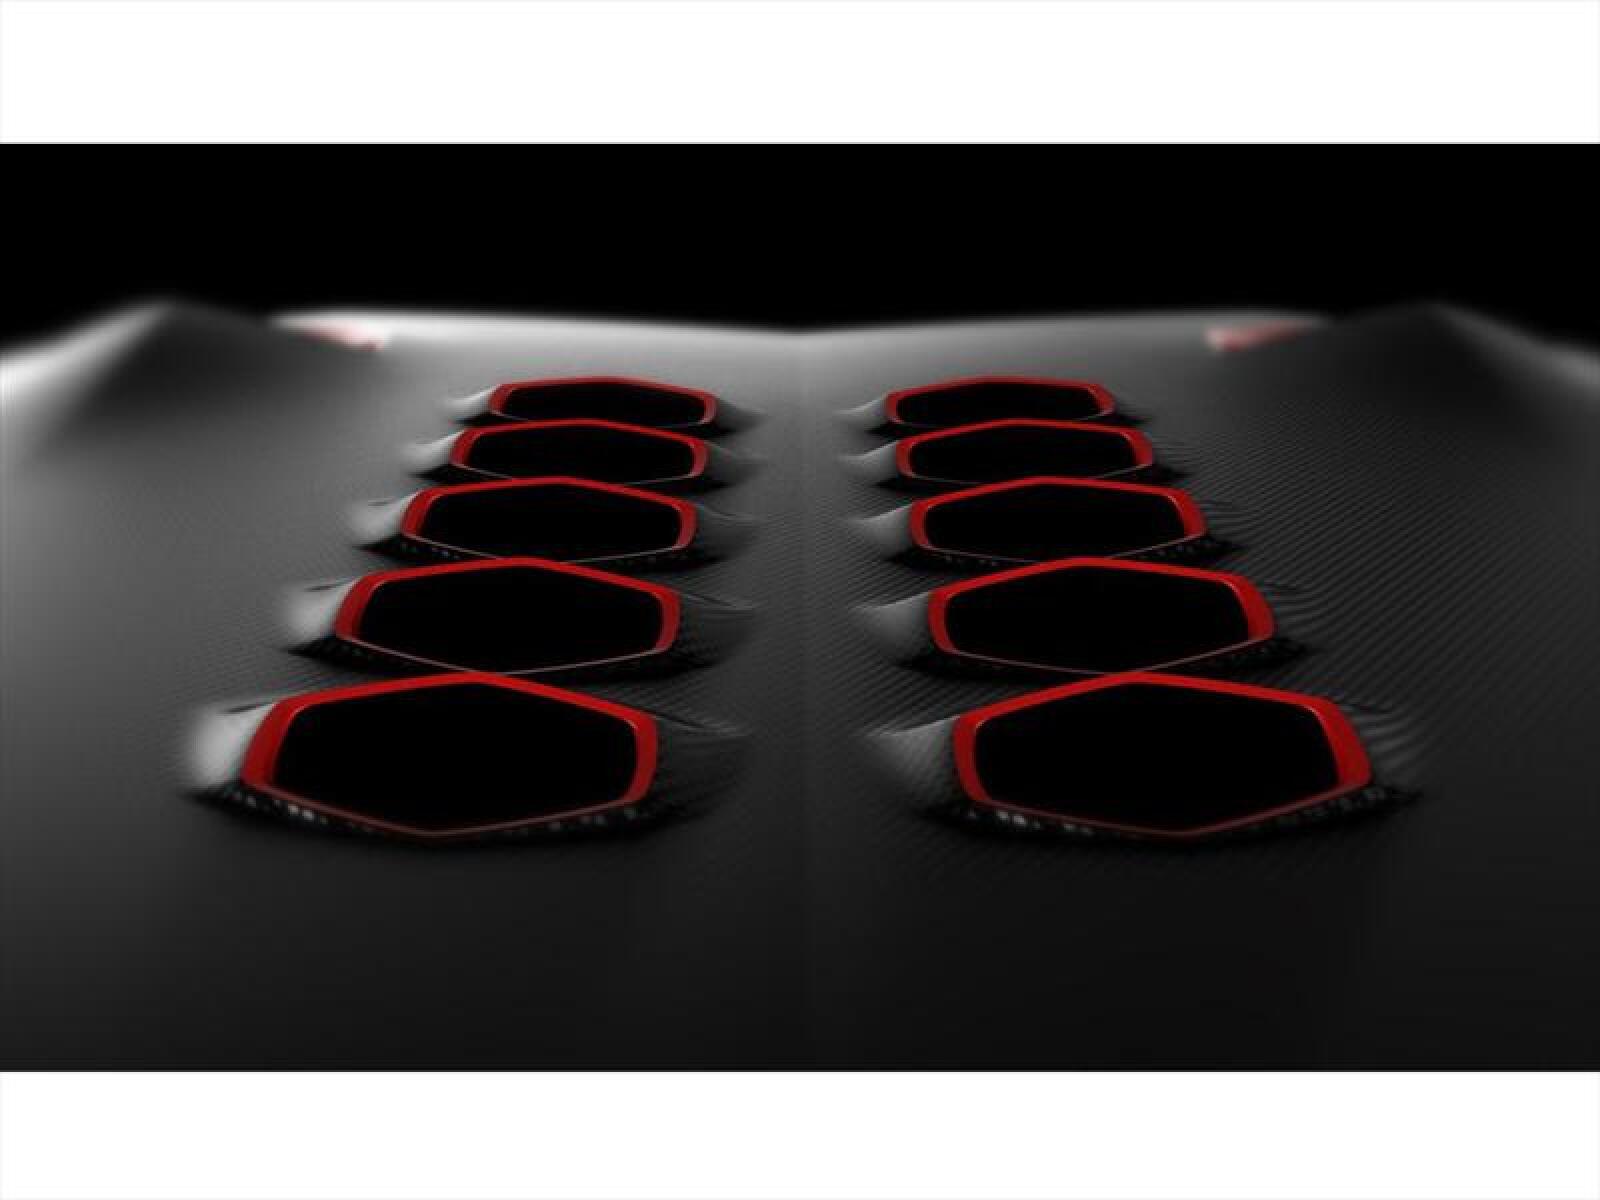 El peso total es de menos de una tonelada (999 kg), que combinado con el poderoso motor V10 de 5.2 litros y 570hp, le permiten obtener un 0 a 100 km/h en apenas 2.5 segundos.